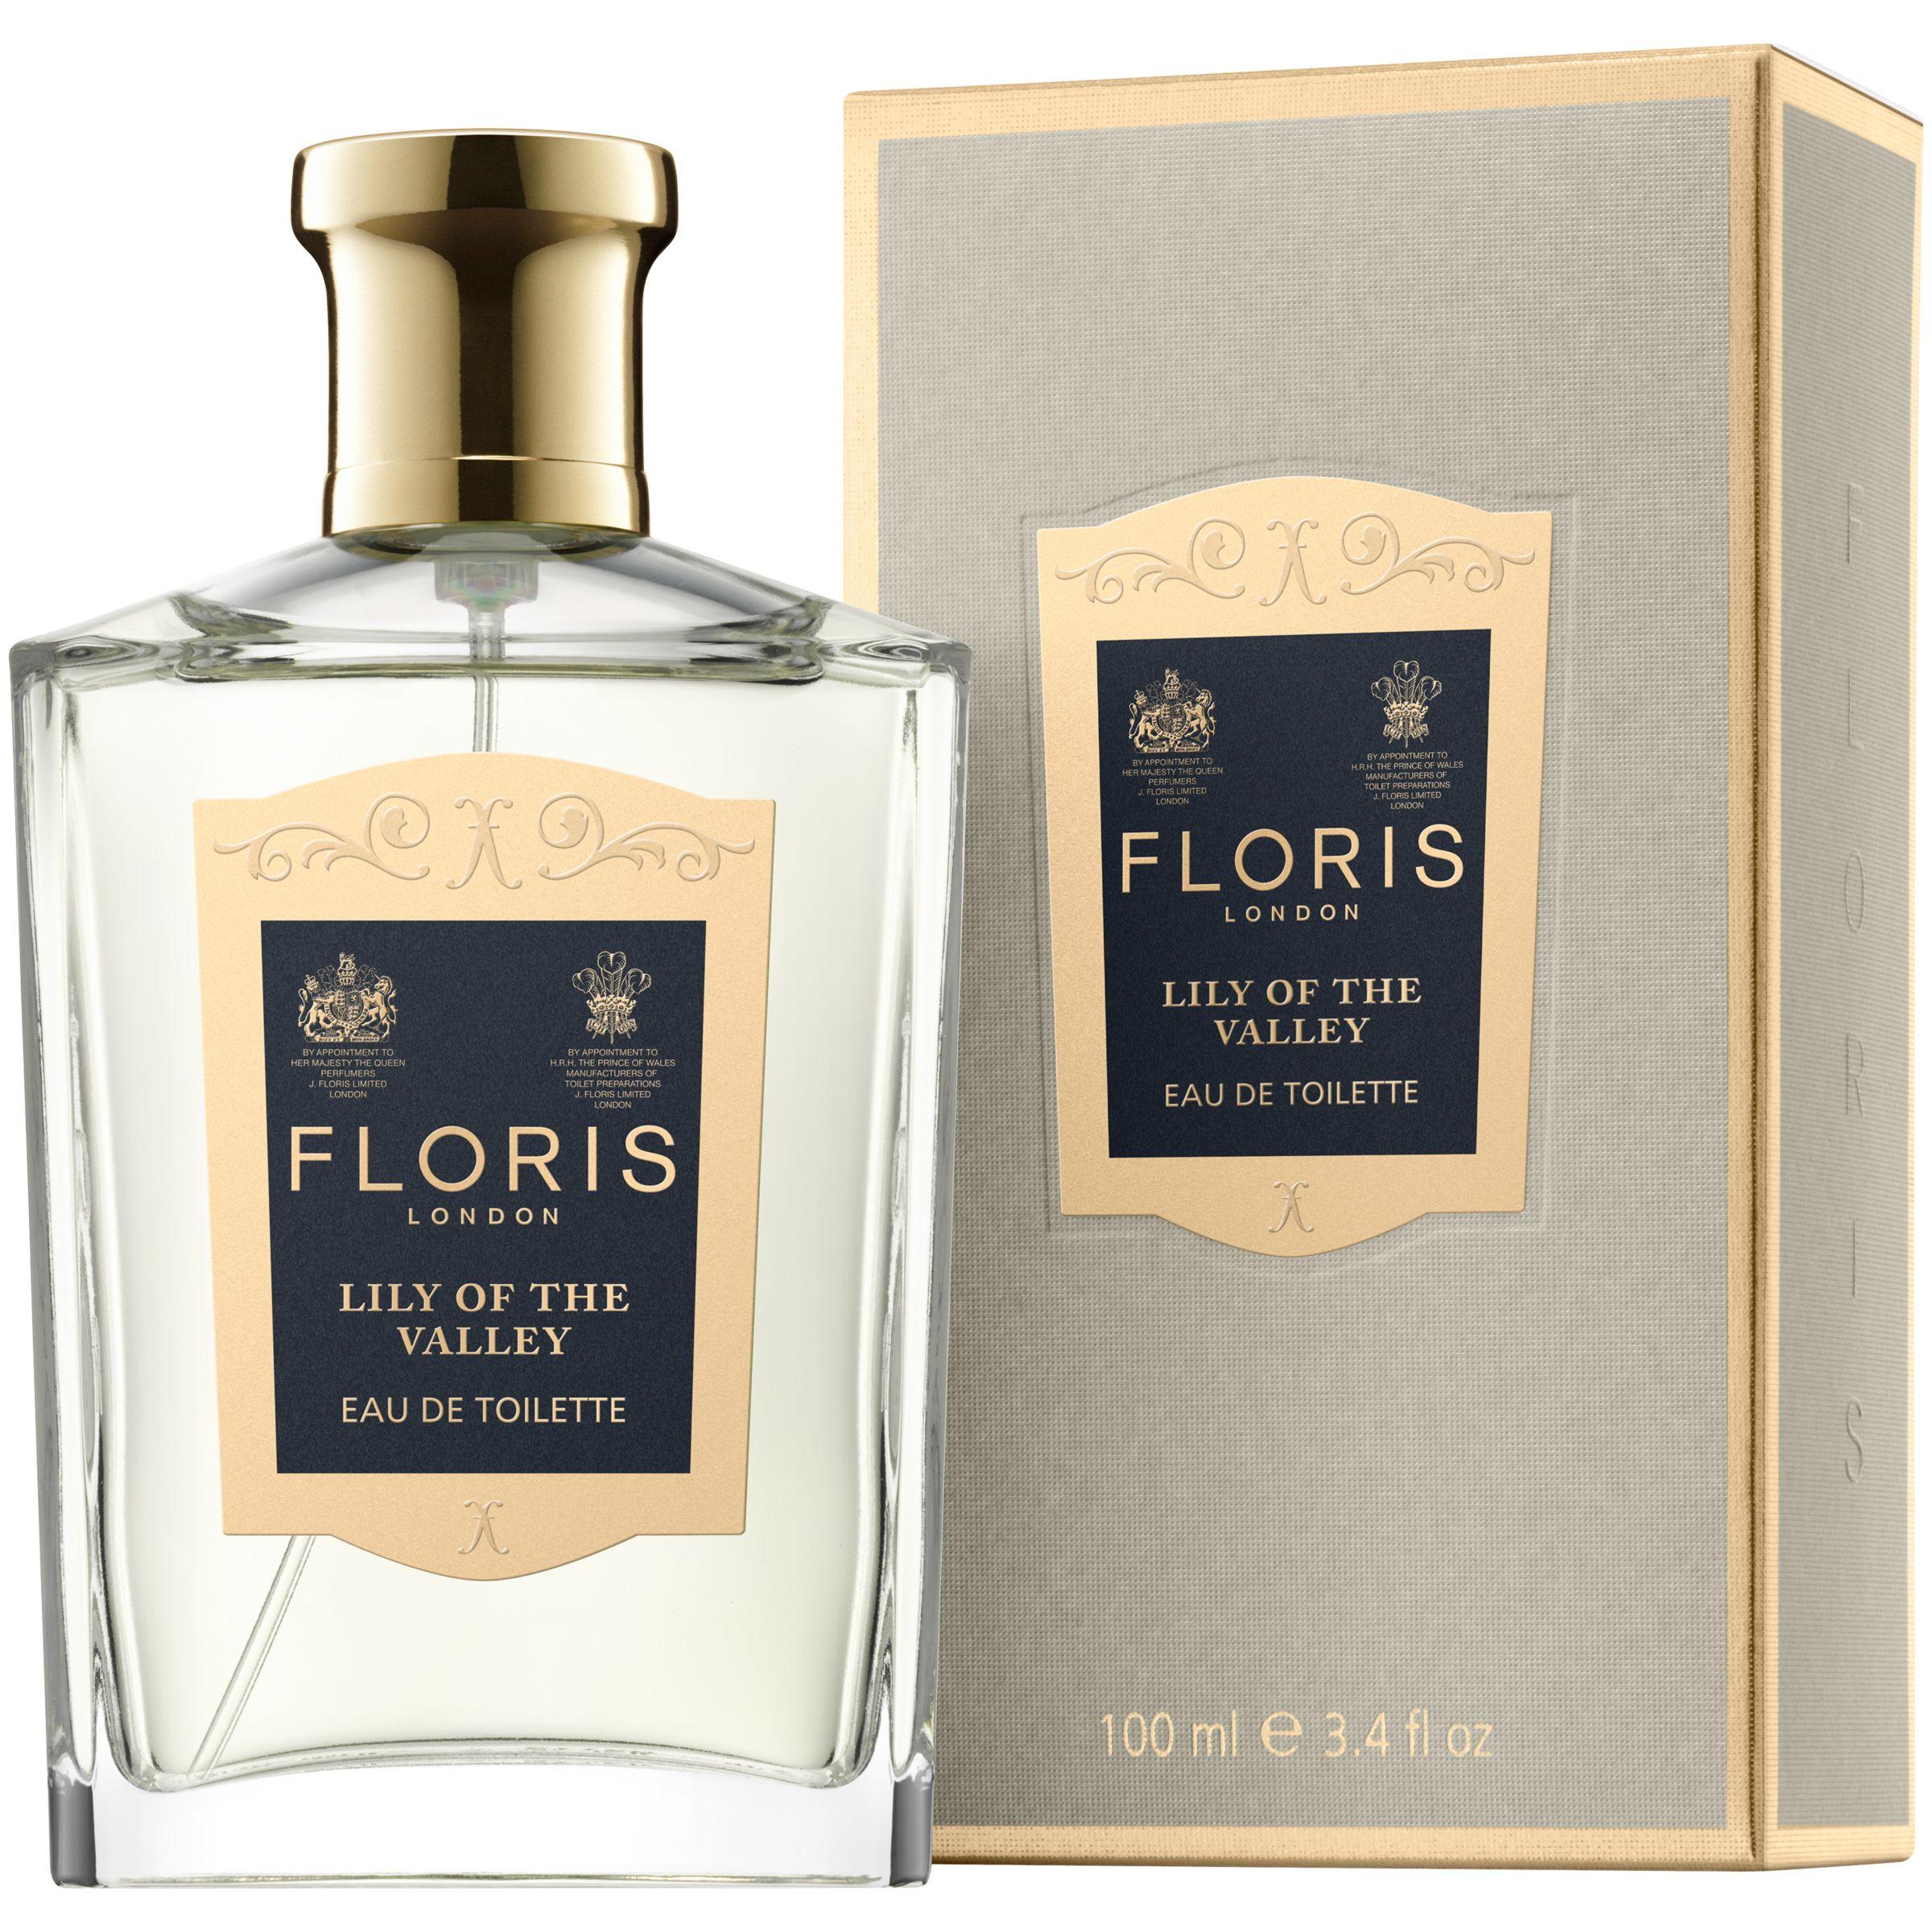 Floris Floris Lily of the Valley Eau de Toilette, 100ml